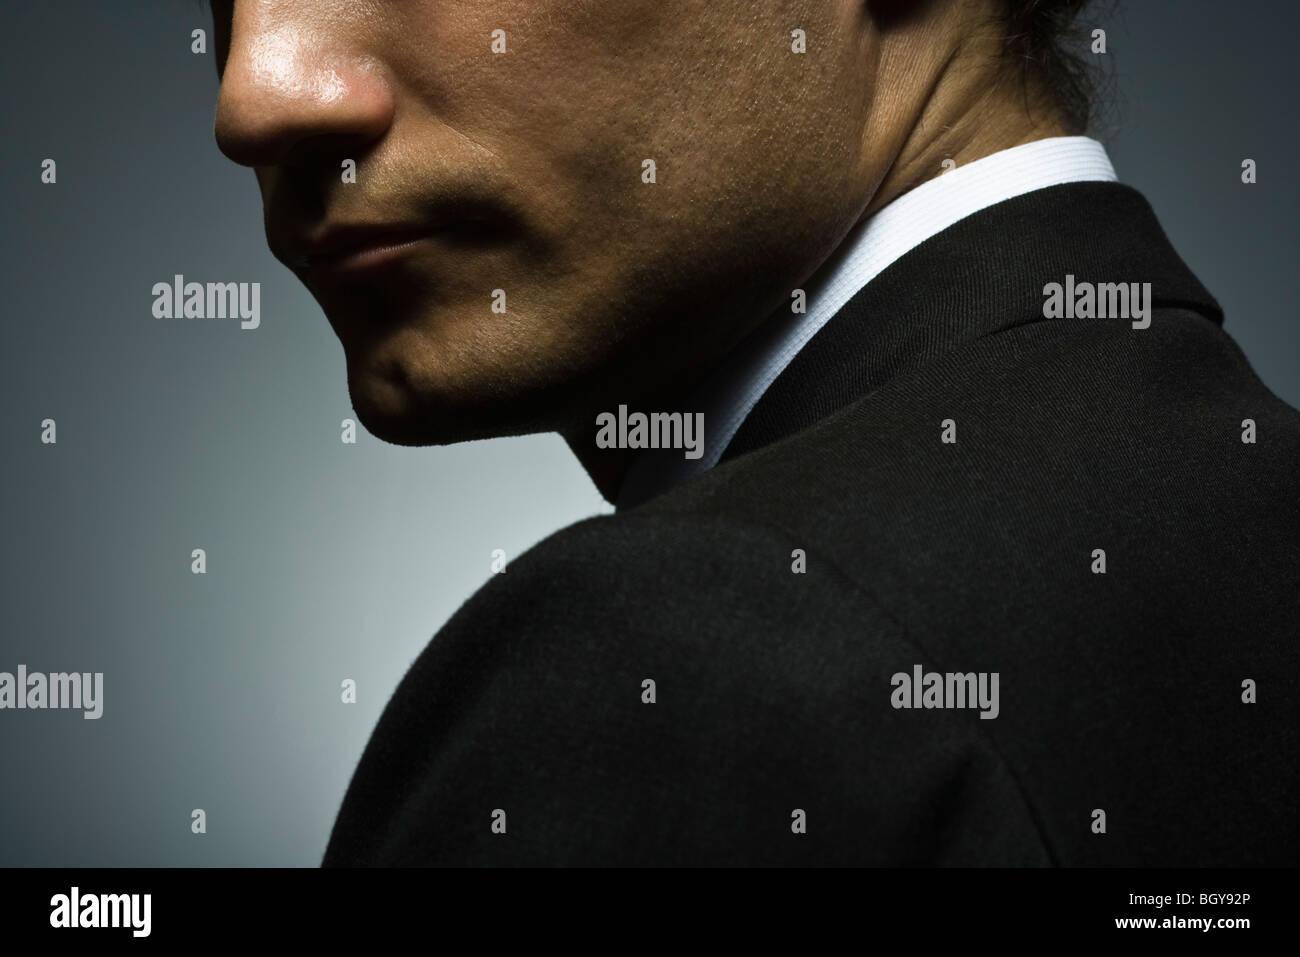 Man looking over shoulder with suspicion - Stock Image